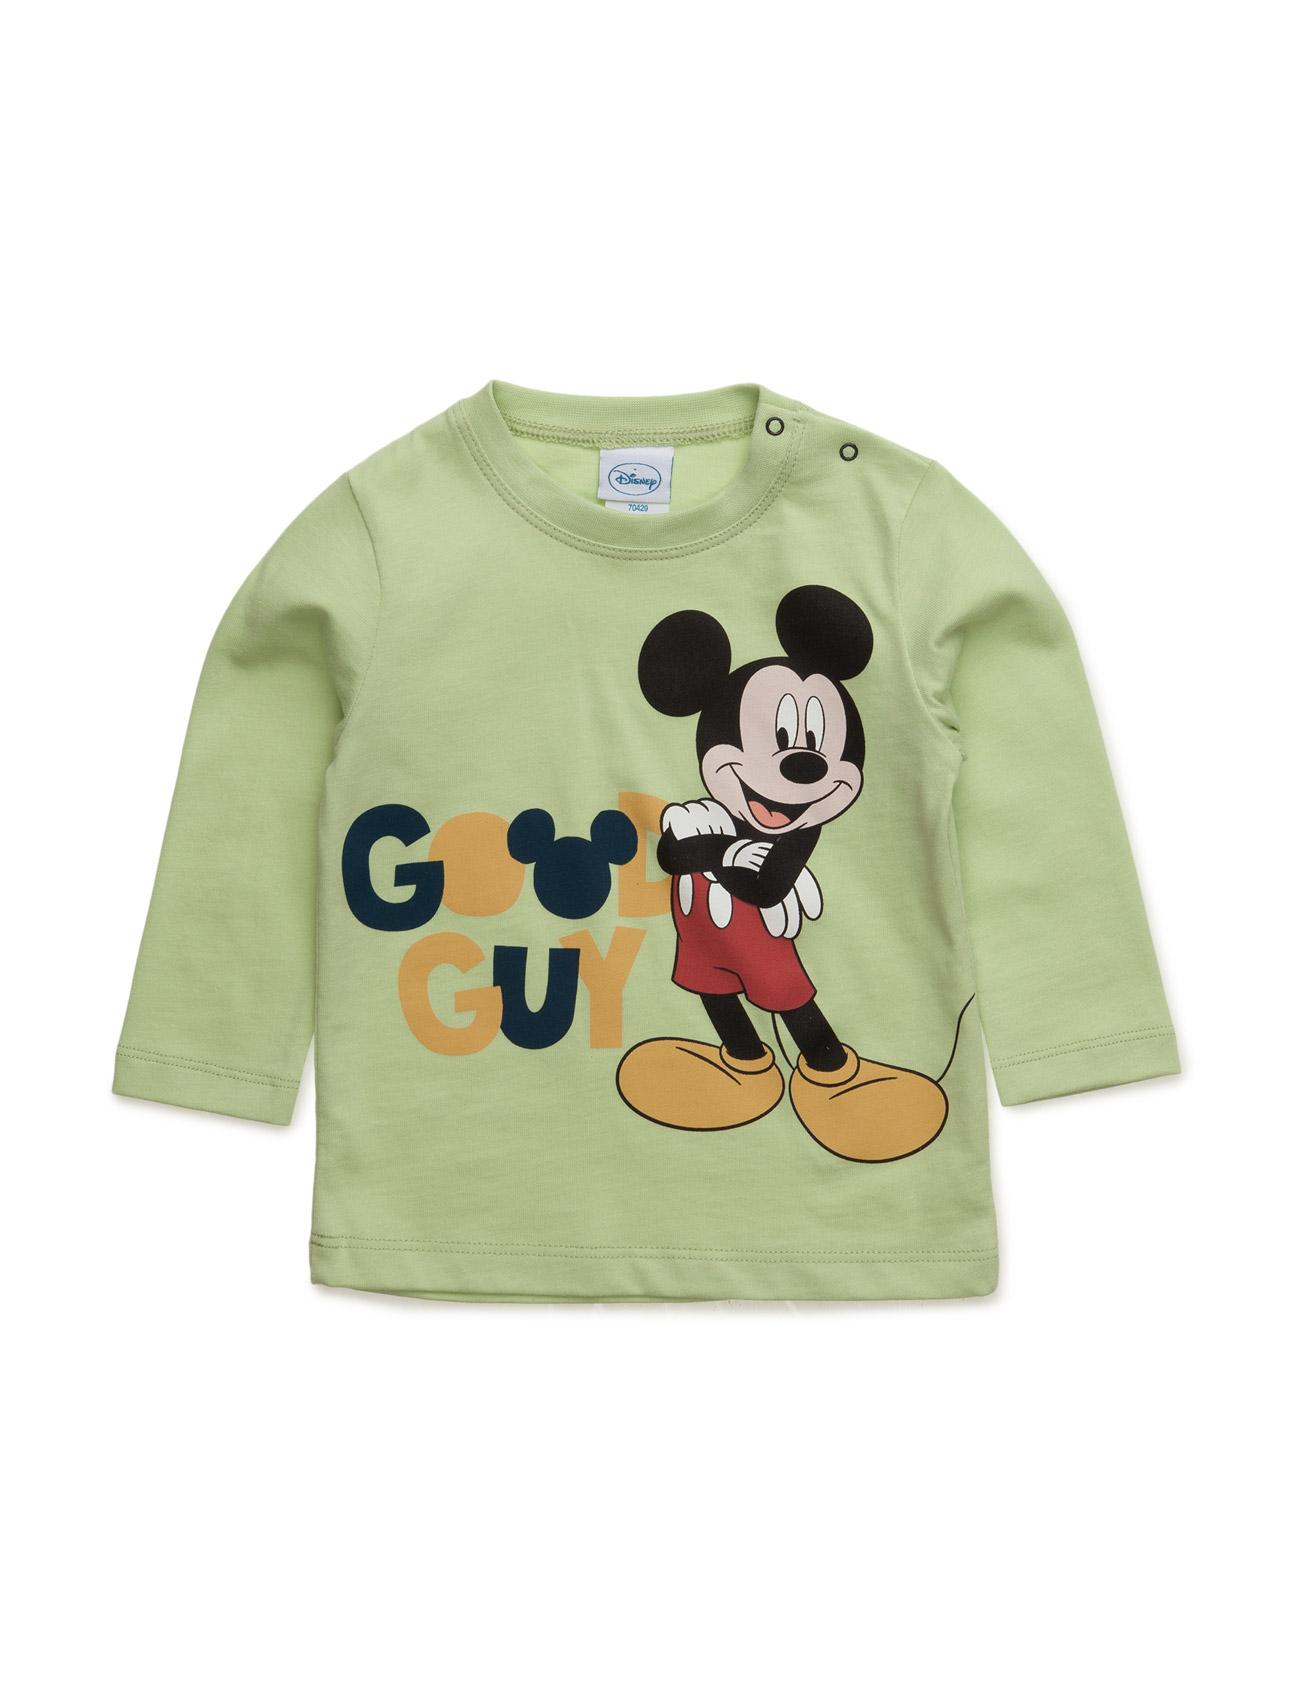 Shirt Disney Langærmede t-shirts til Børn i Grøn